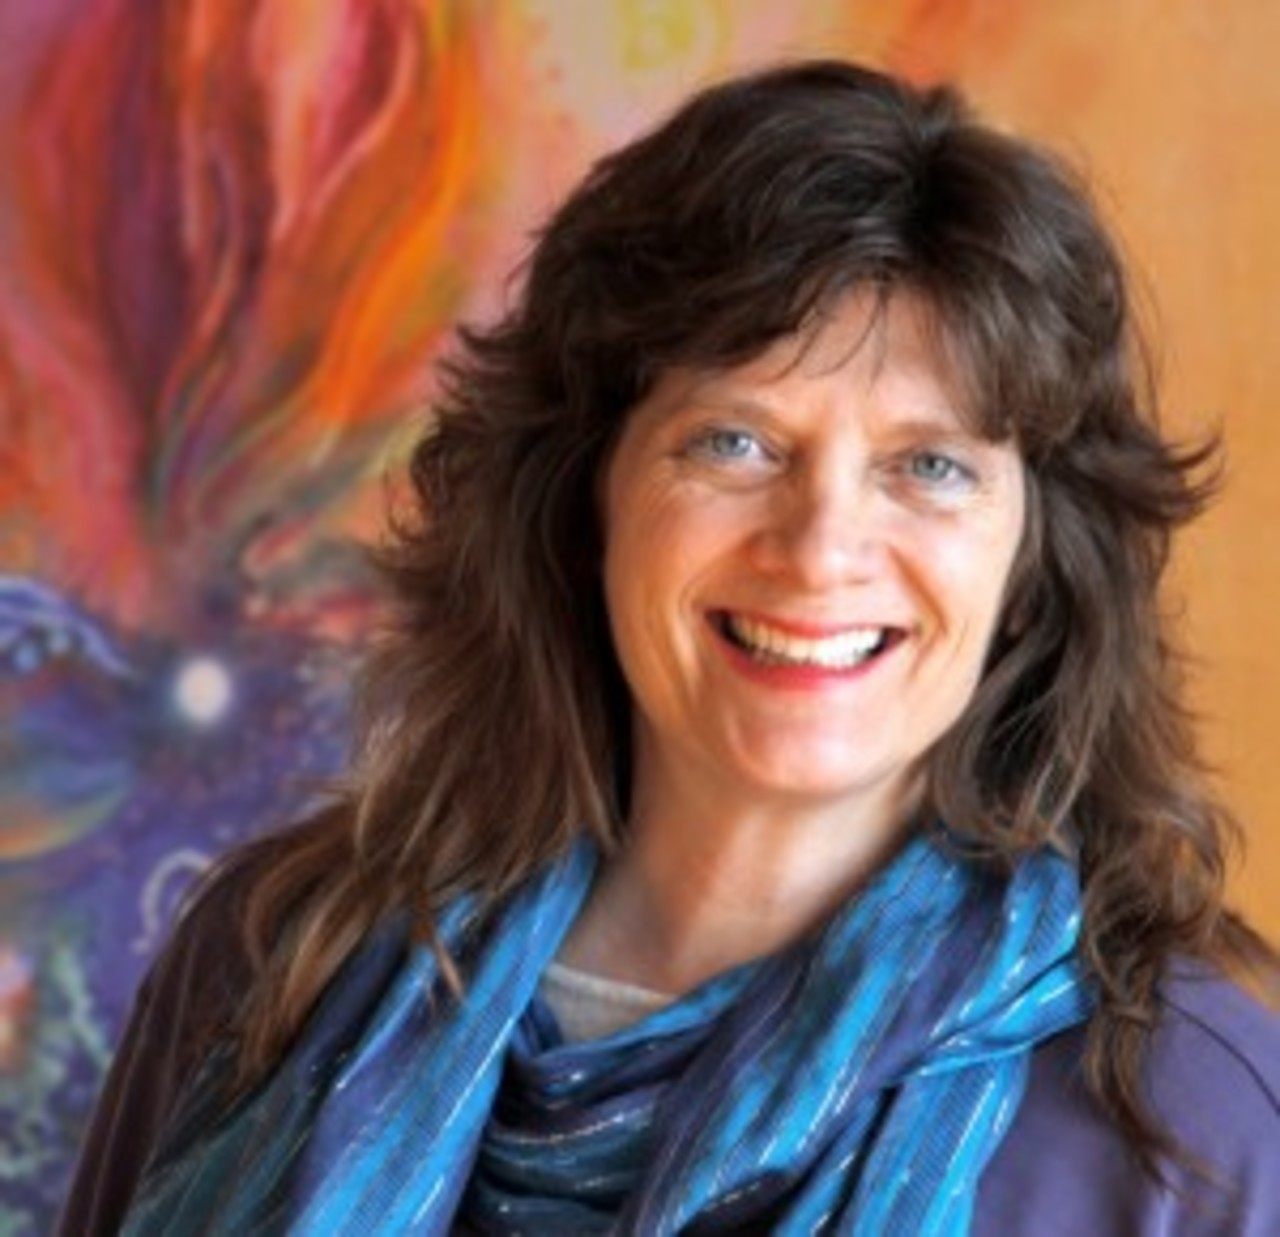 Dana Andersen